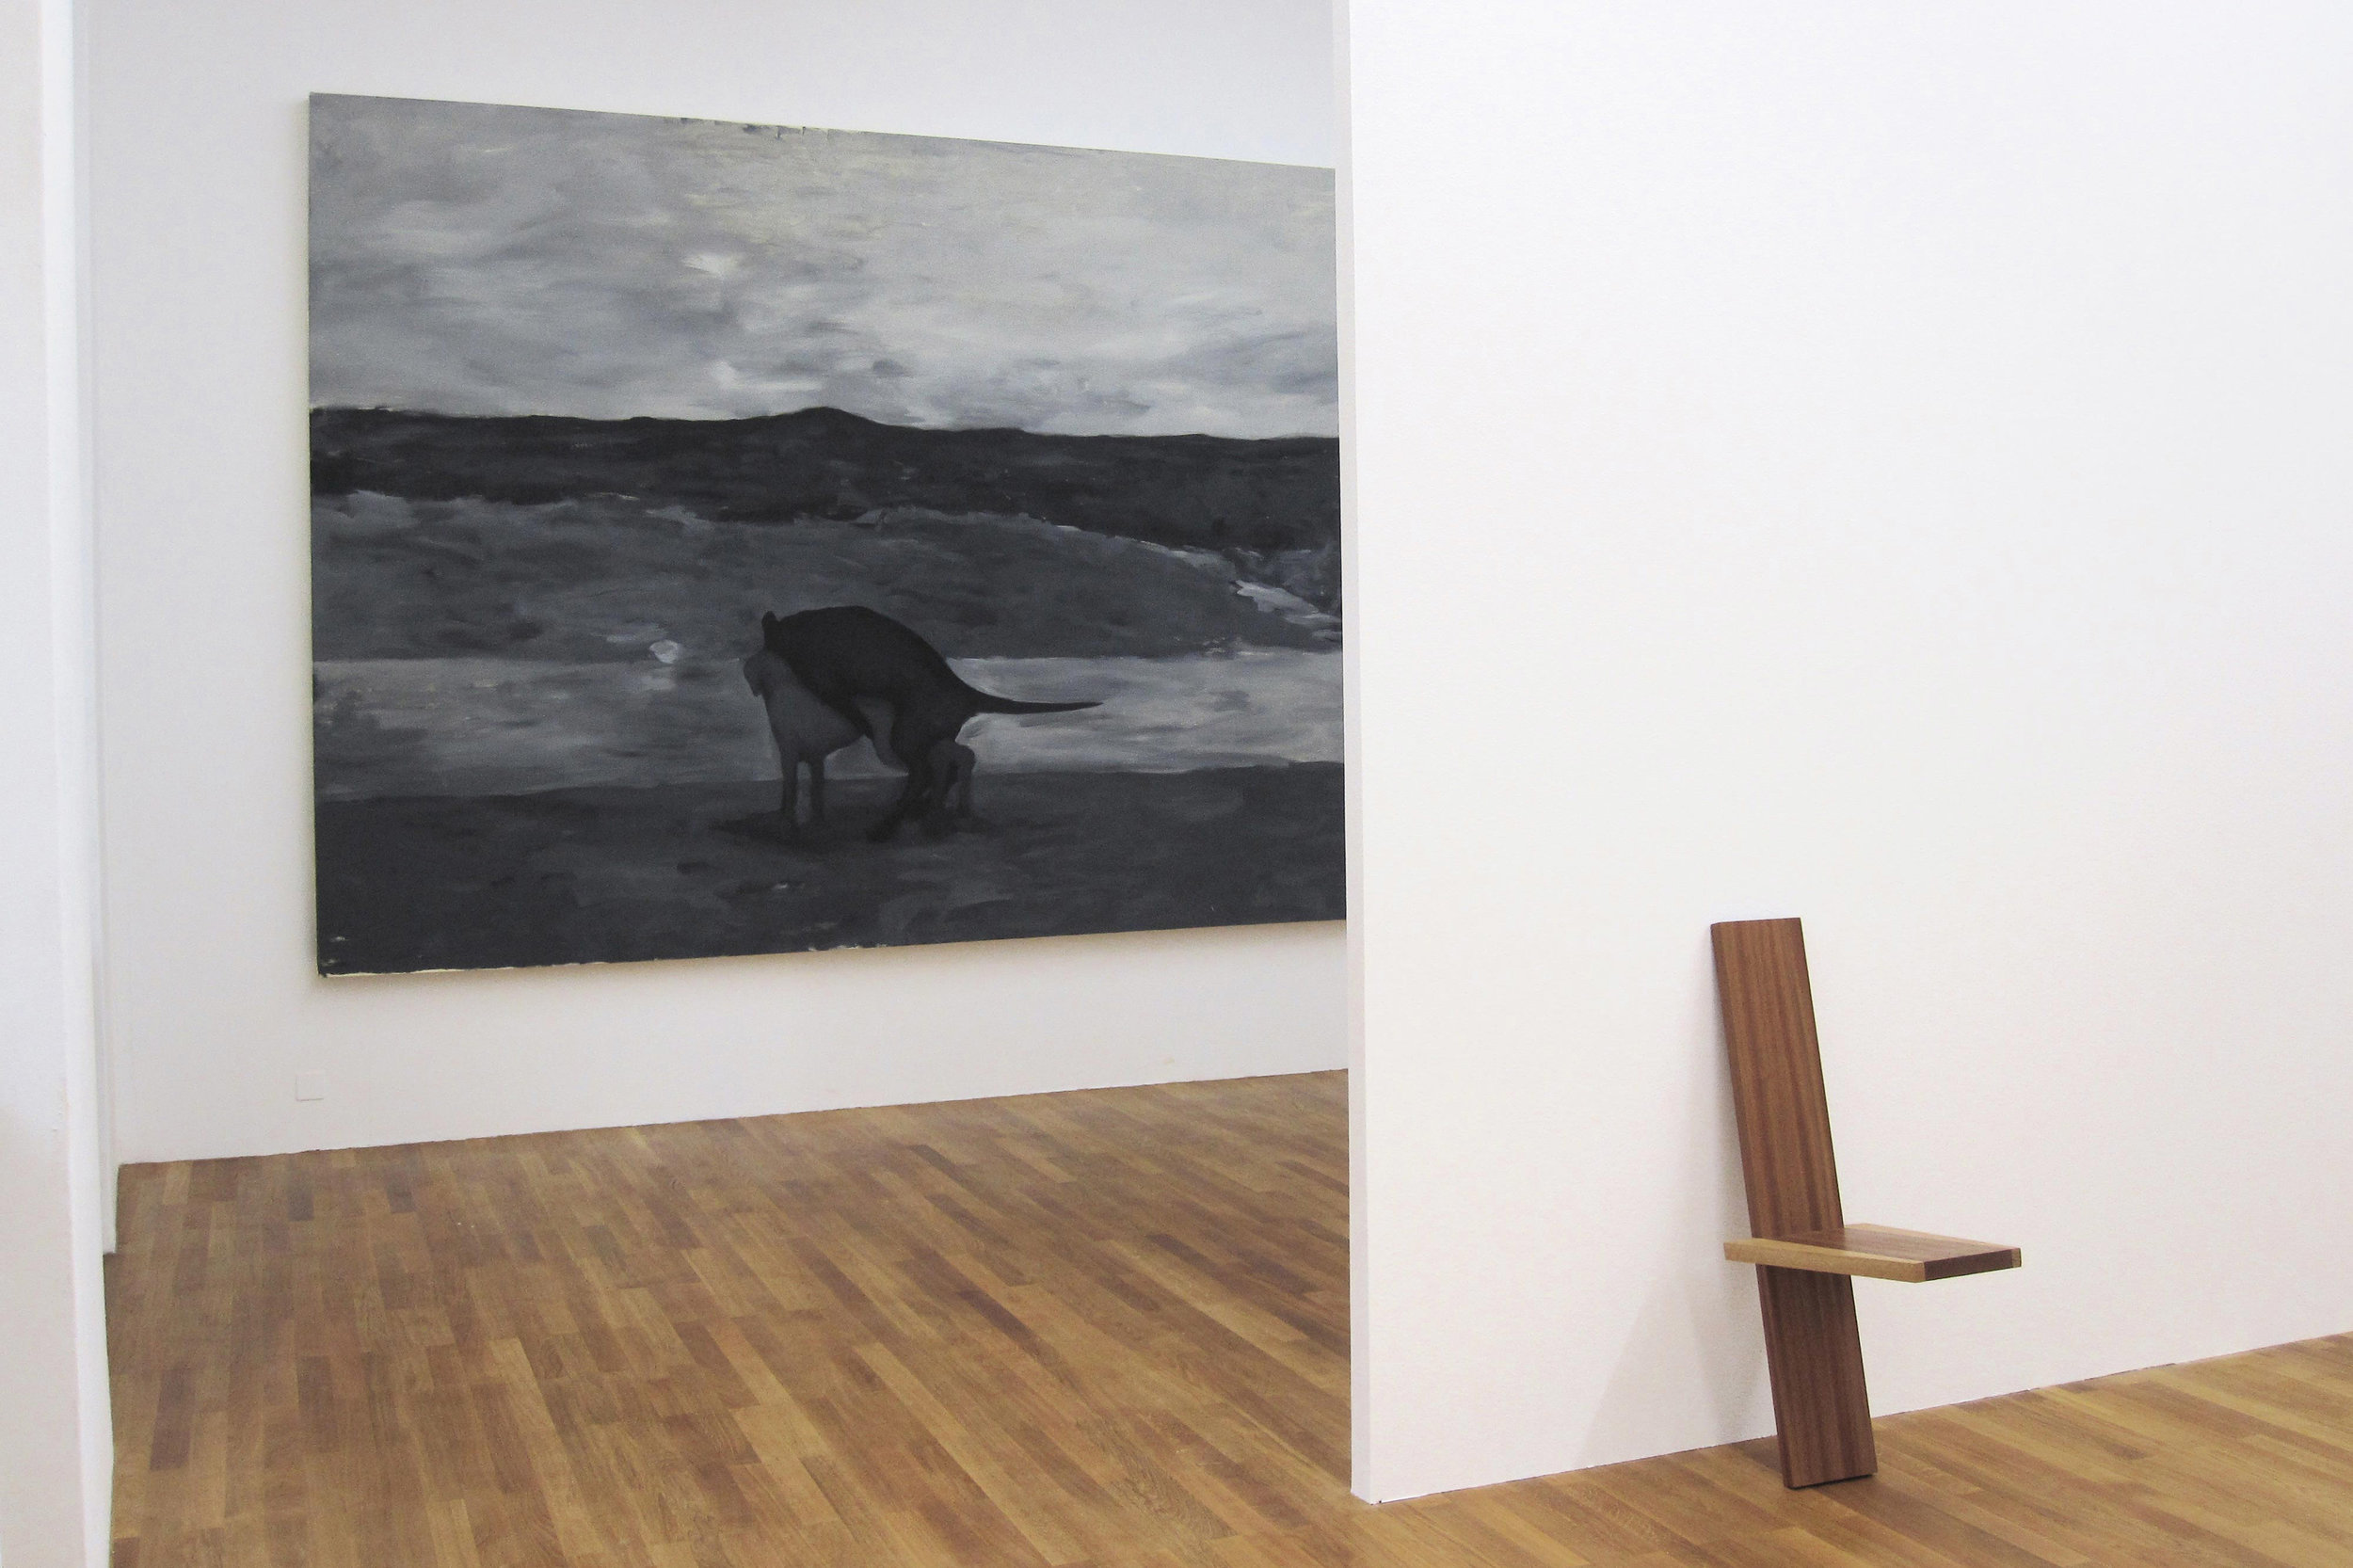 Tom-Ellis-Kunsthalle-Winterthur-2010-3.jpg